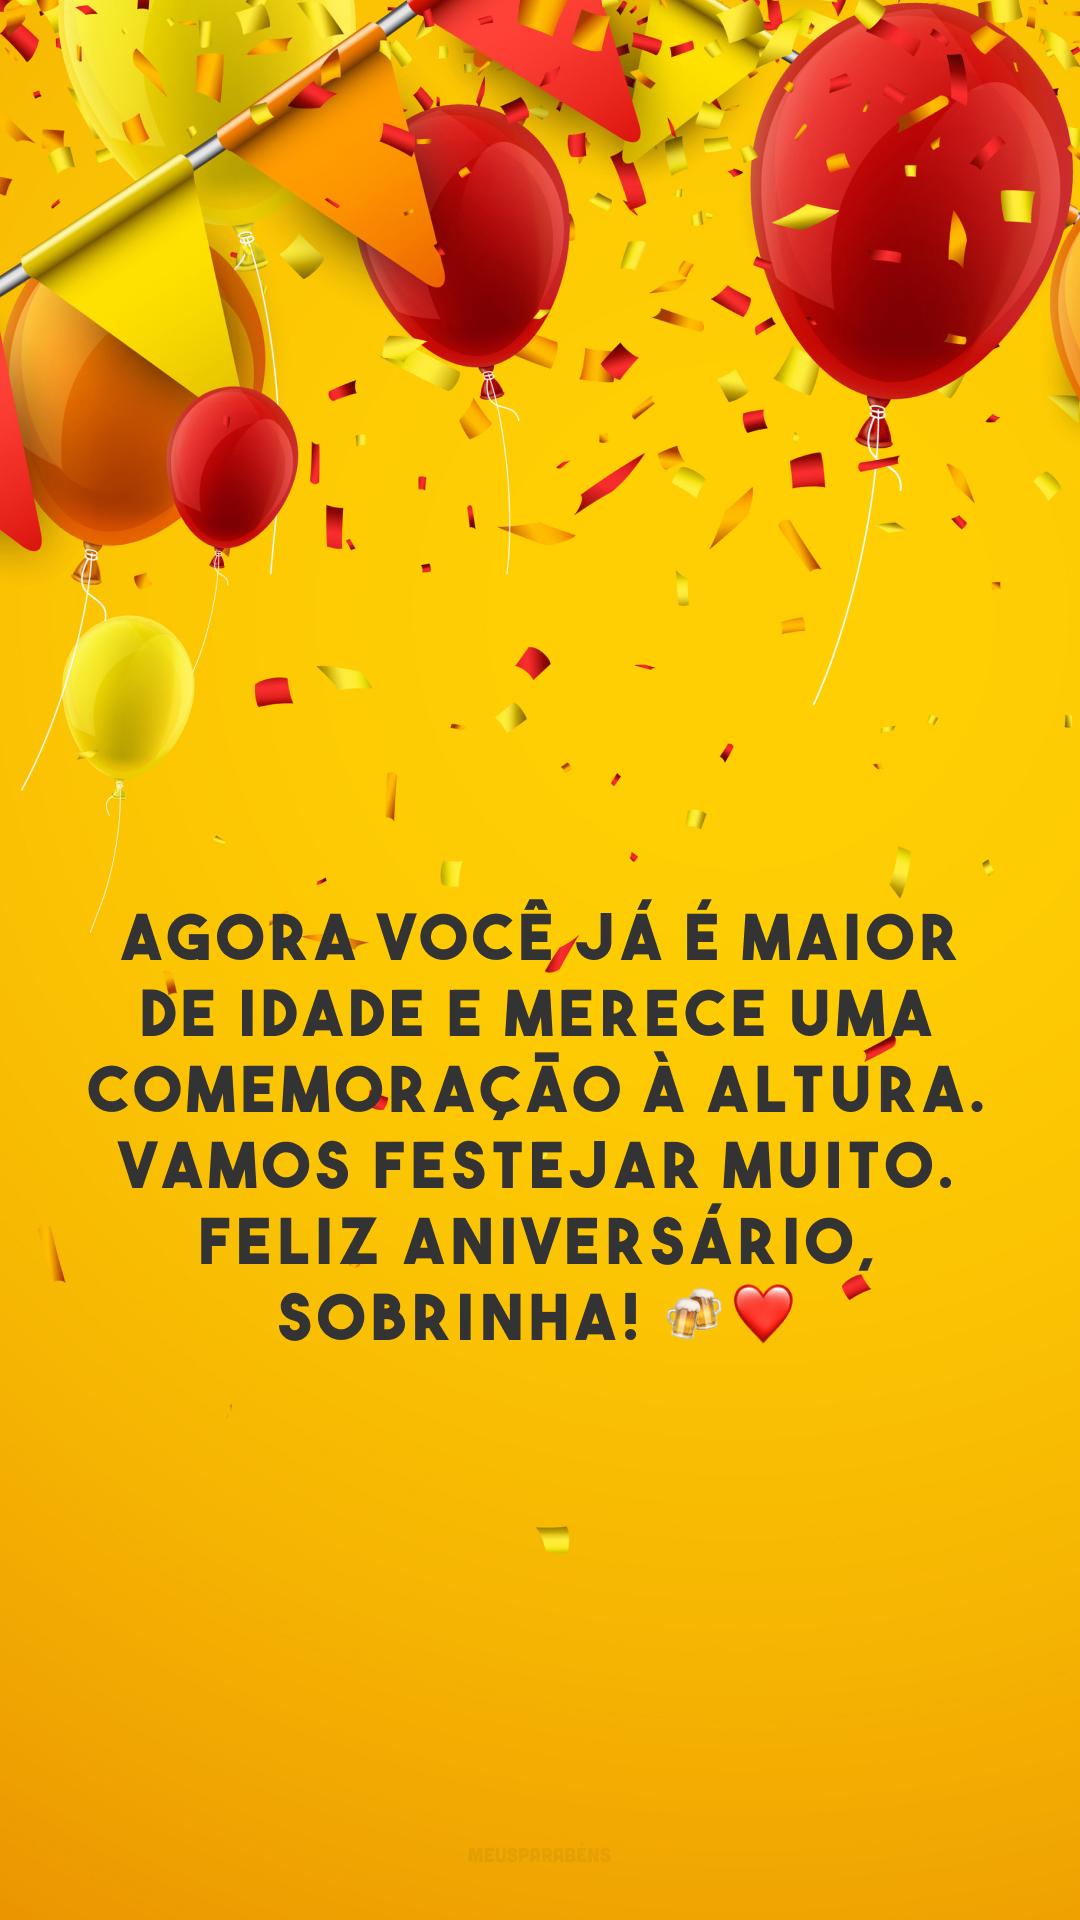 Agora você já é maior de idade e merece uma comemoração à altura. Vamos festejar muito. Feliz aniversário, sobrinha! 🍻❤️